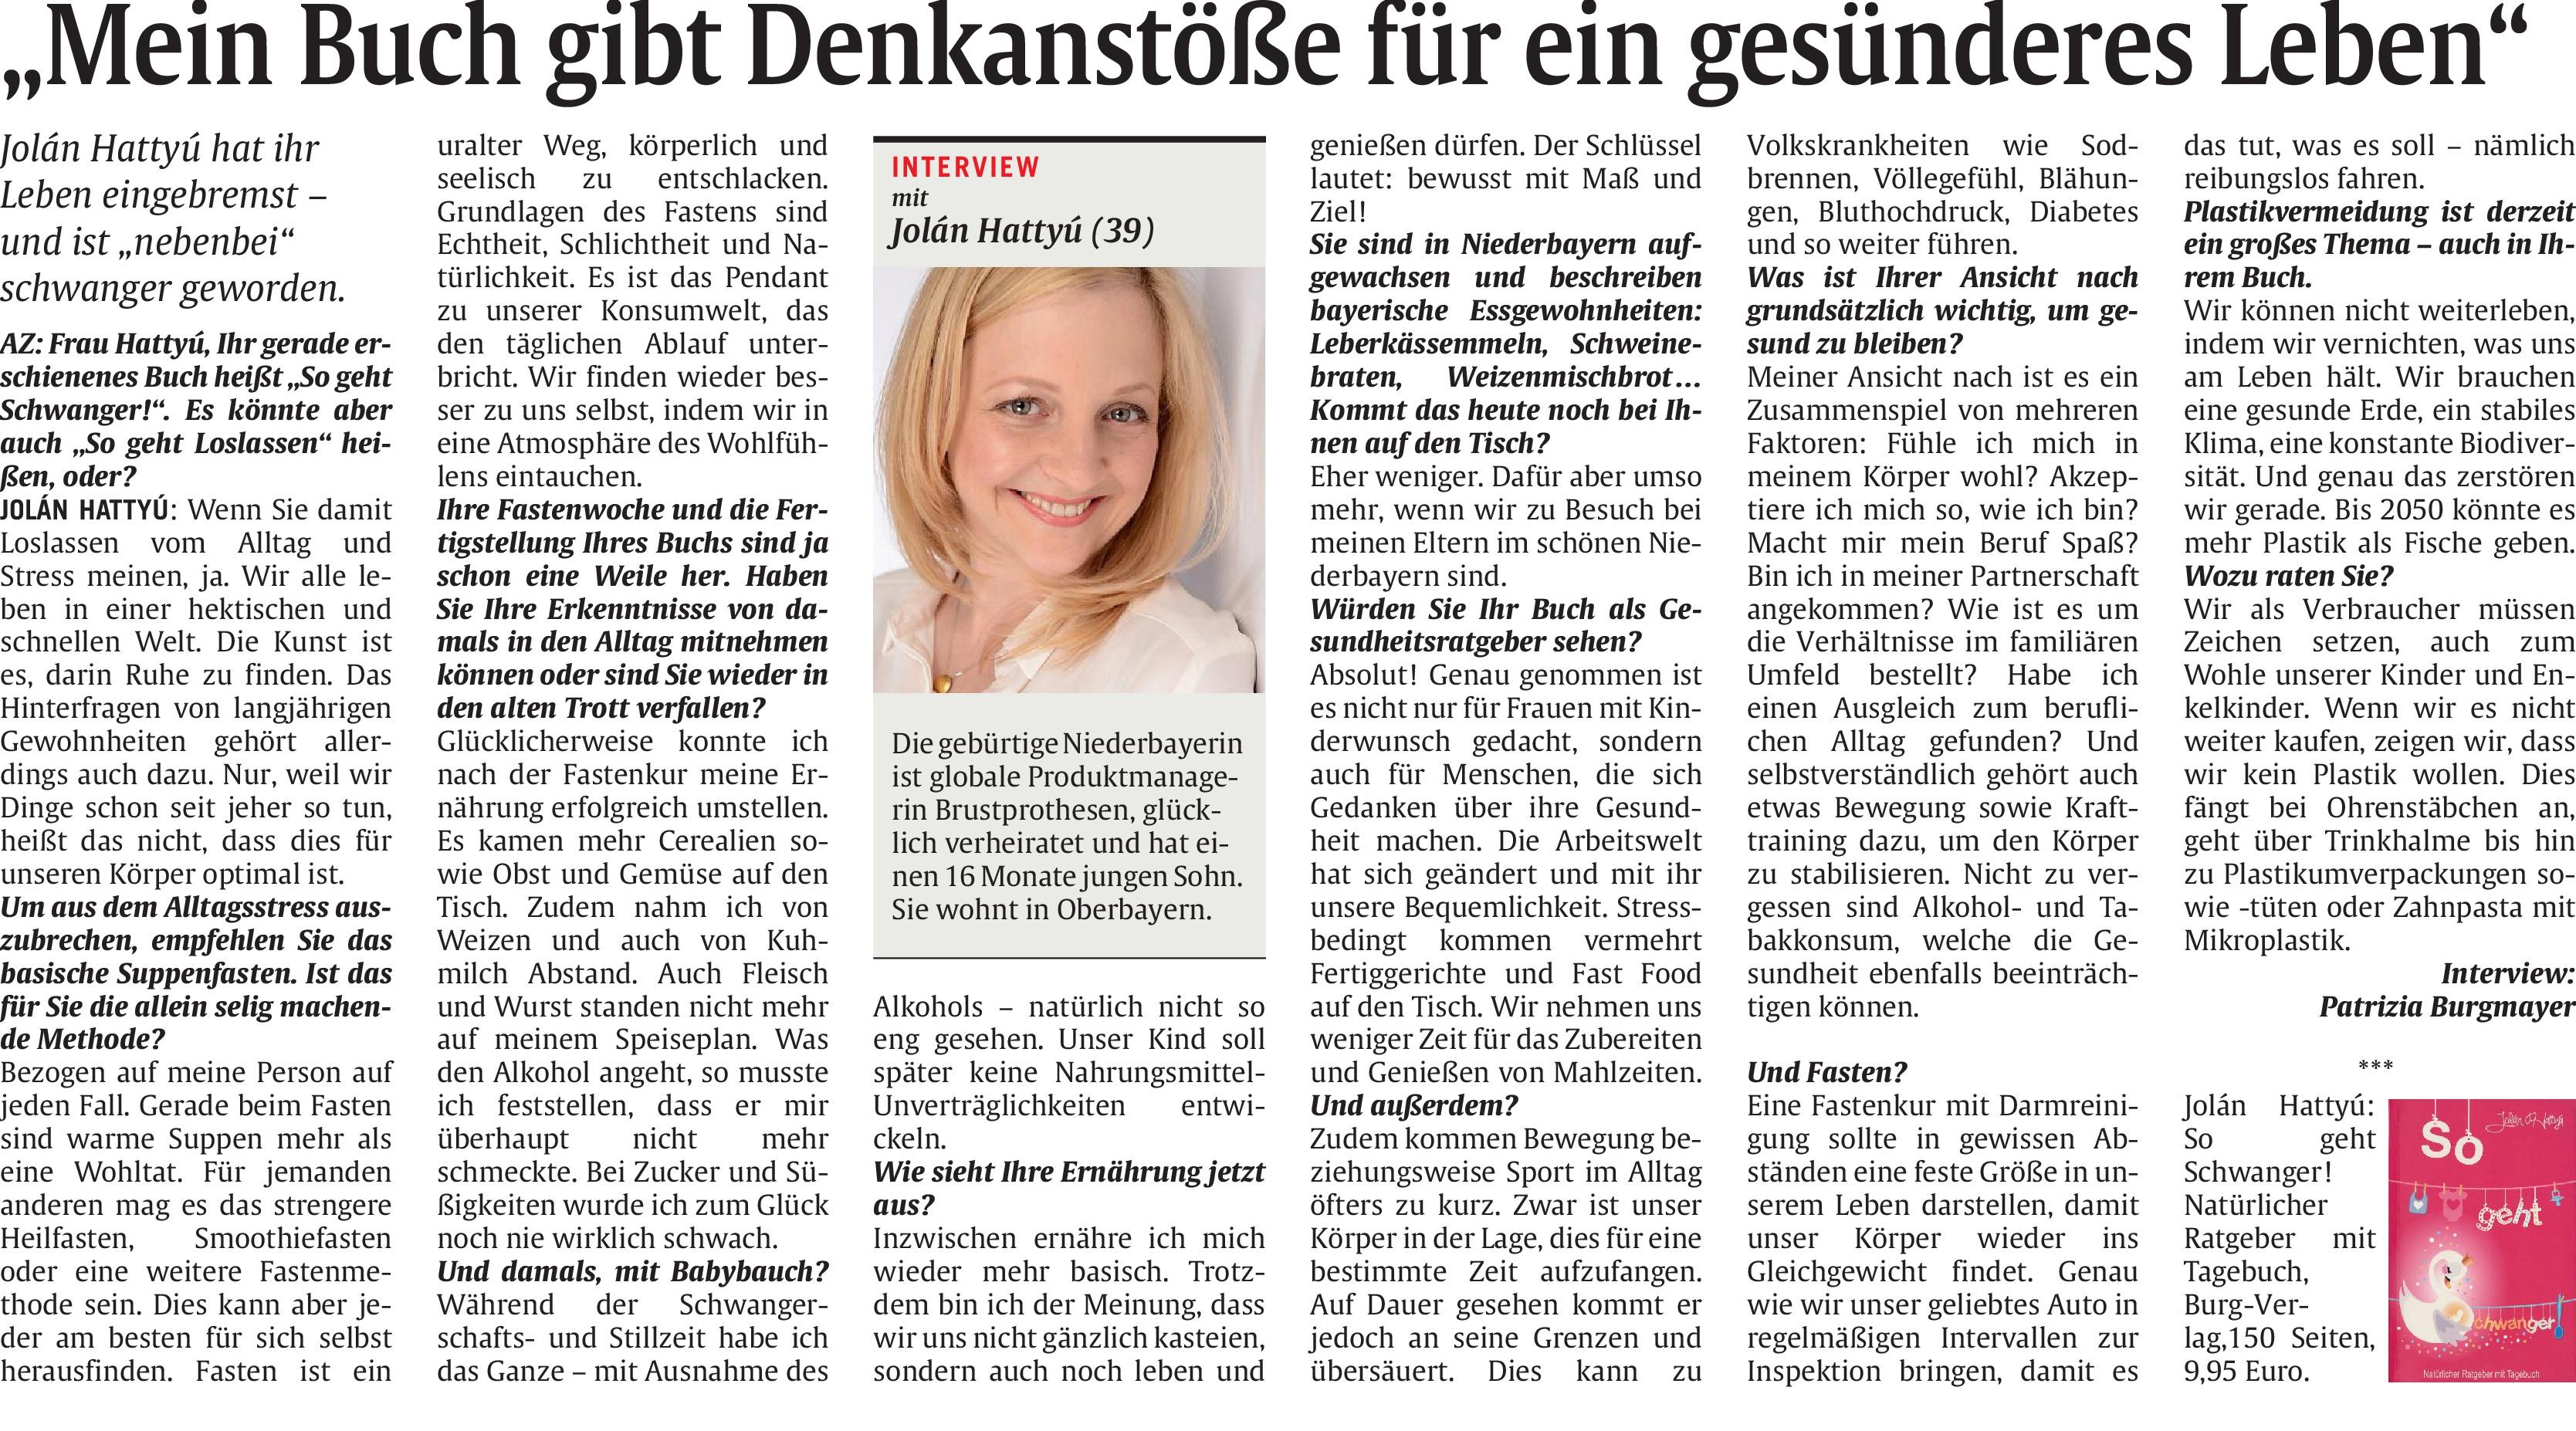 Interview_Münchner_Abendzeitung